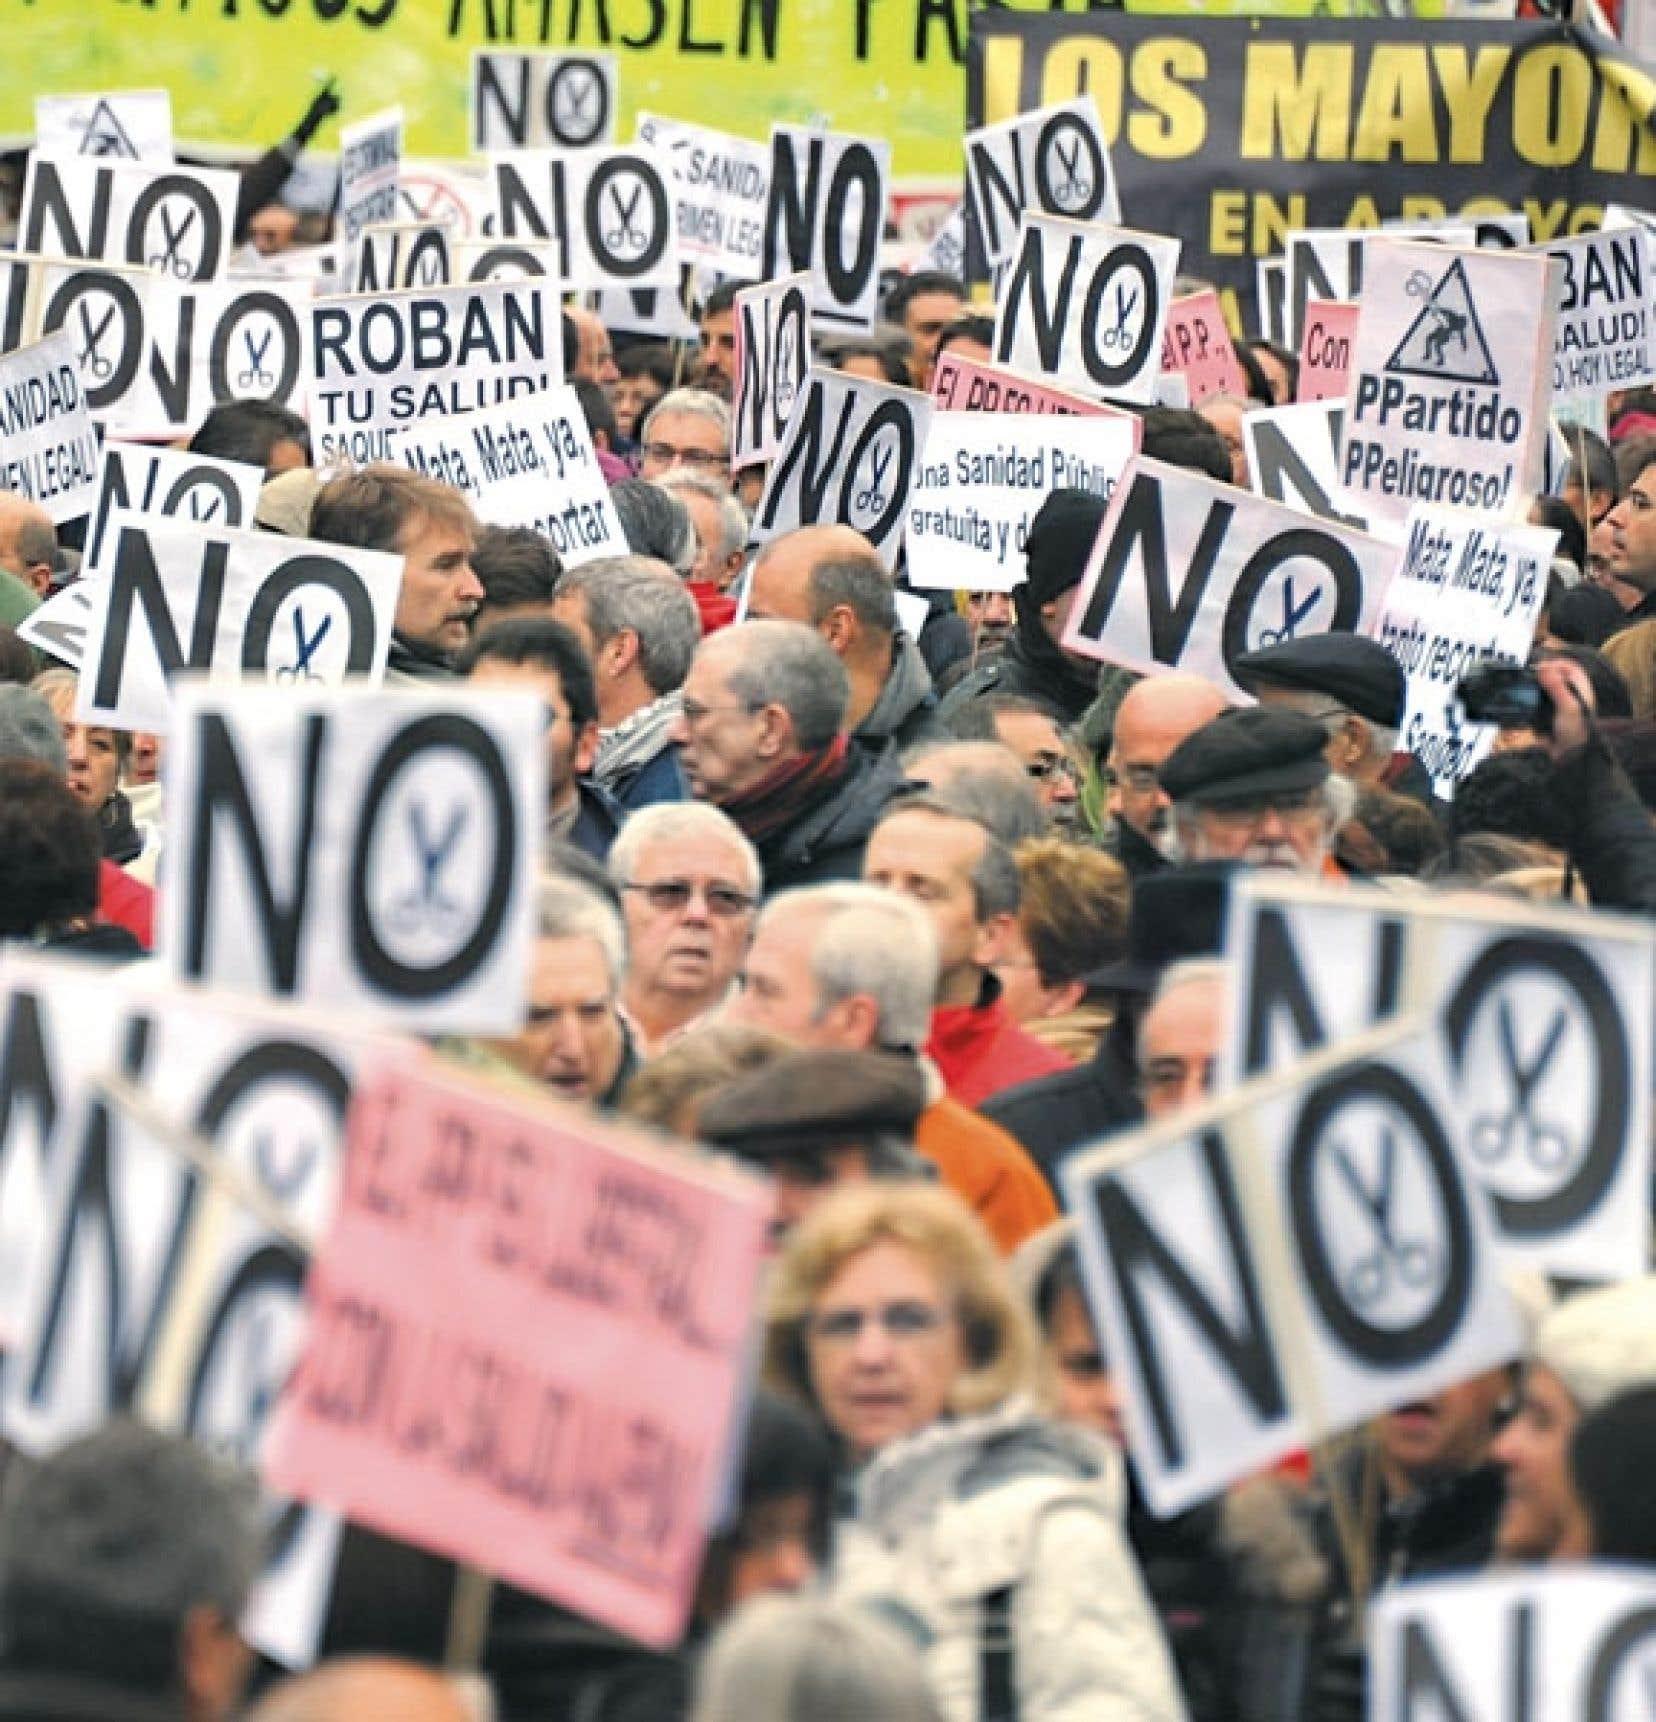 L'adoption de mesures d'austérité, comme en Espagne, ont amené les citoyens de plusieurs pays européens à manifester — parfois violemment — contre leurs dirigeants politiques.